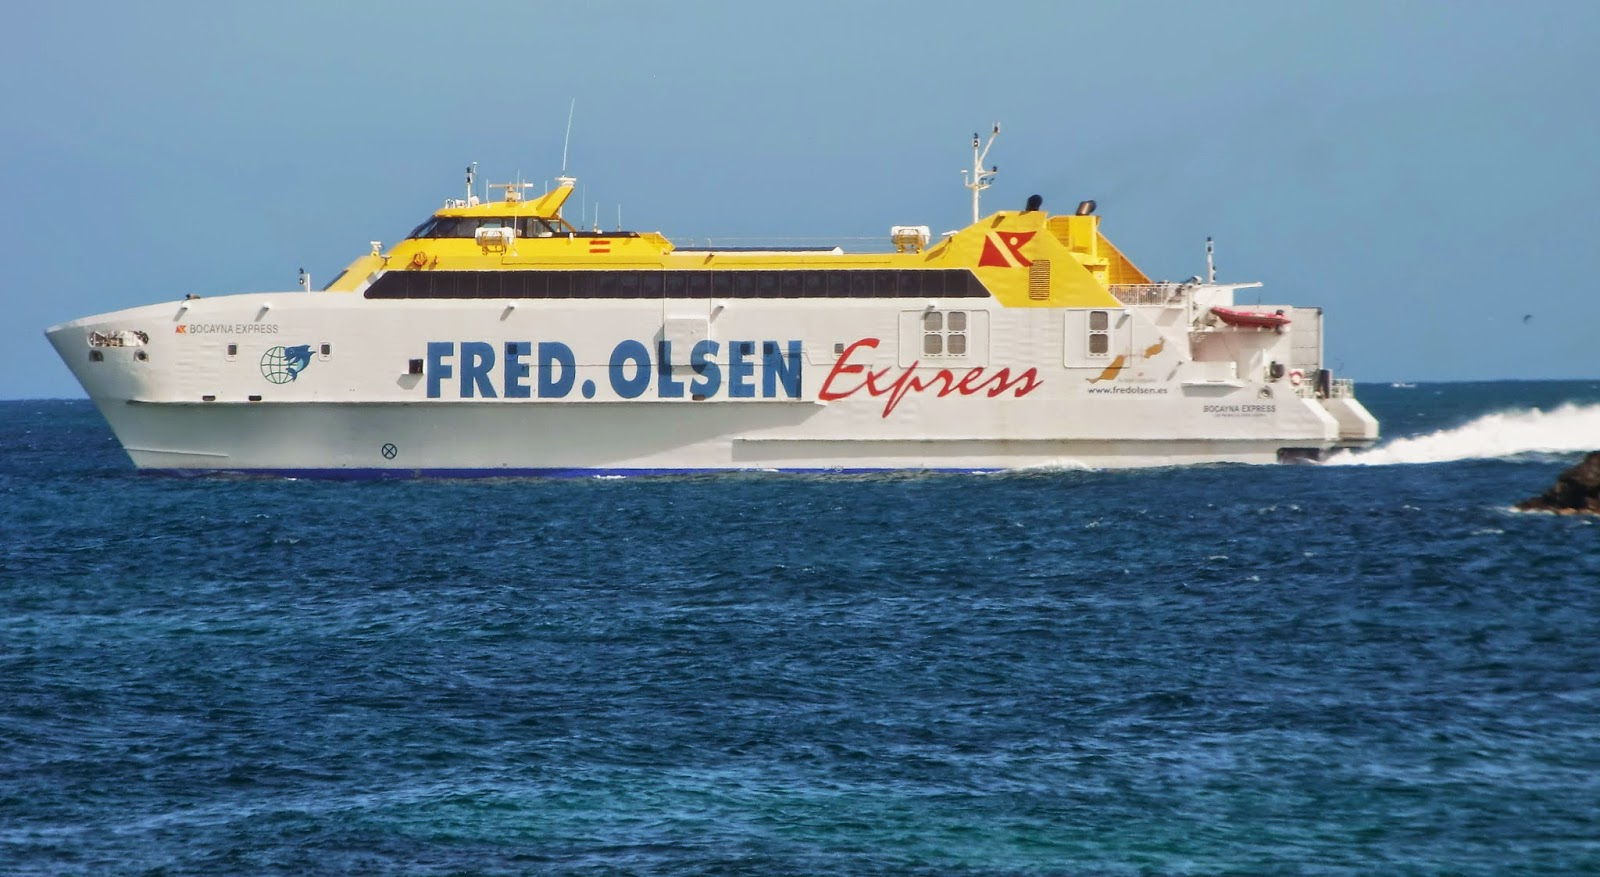 Islas canarias bocayna express buque que cubre el trayecto de fuerteventura a lanzarote - Transporte entre islas canarias ...